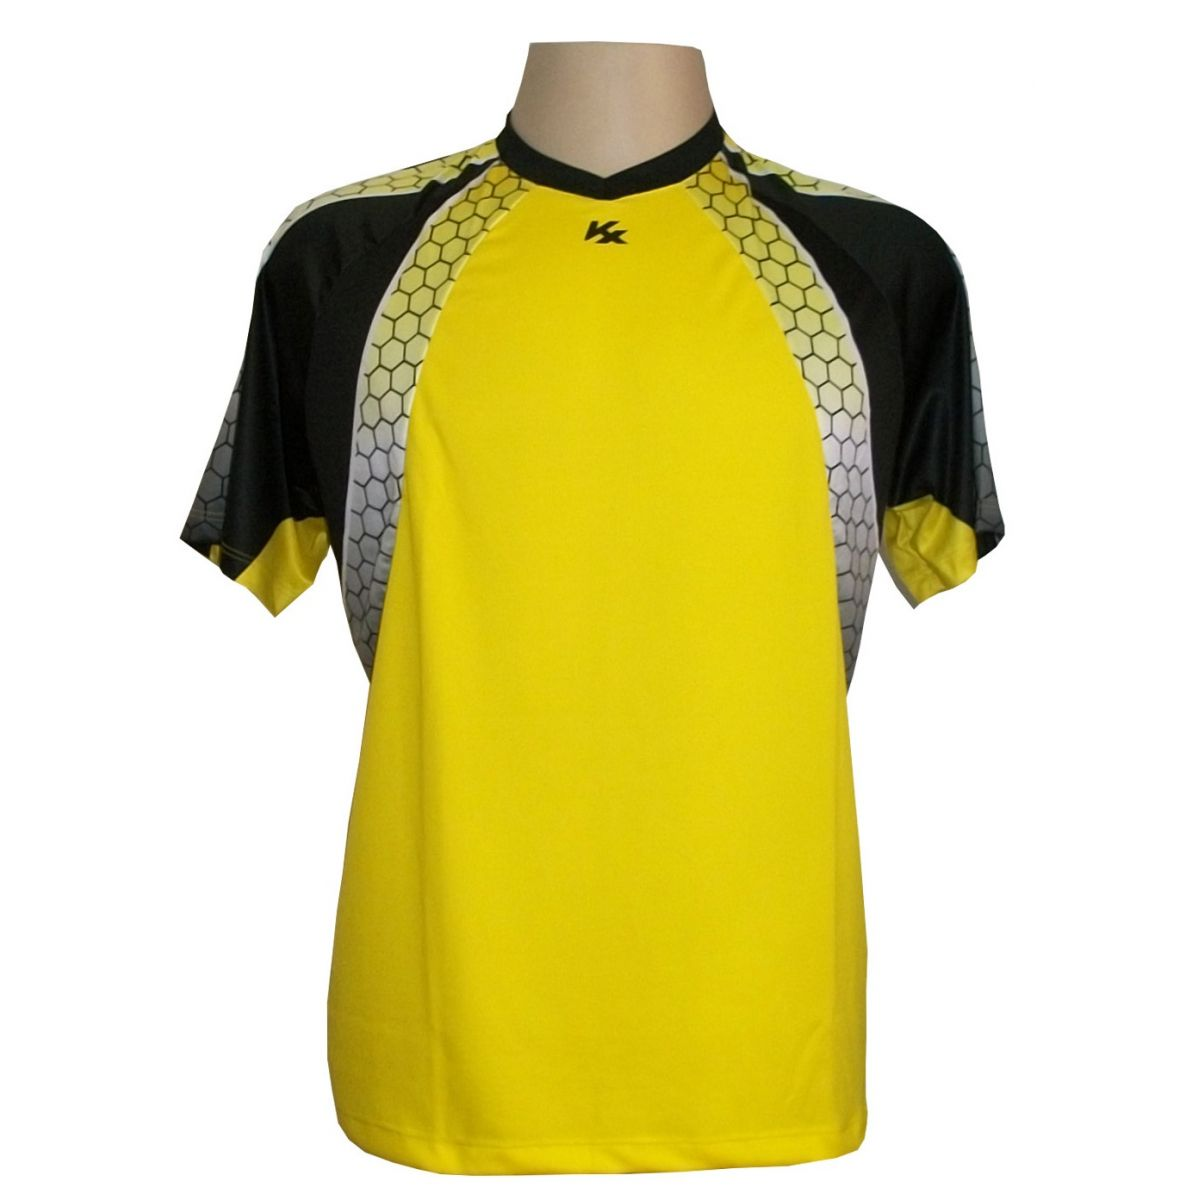 Camisa de Goleiro Profissional modelo Paraí Manga Curta Tam G Nº 1 - Amarelo/Preto - Kanxa